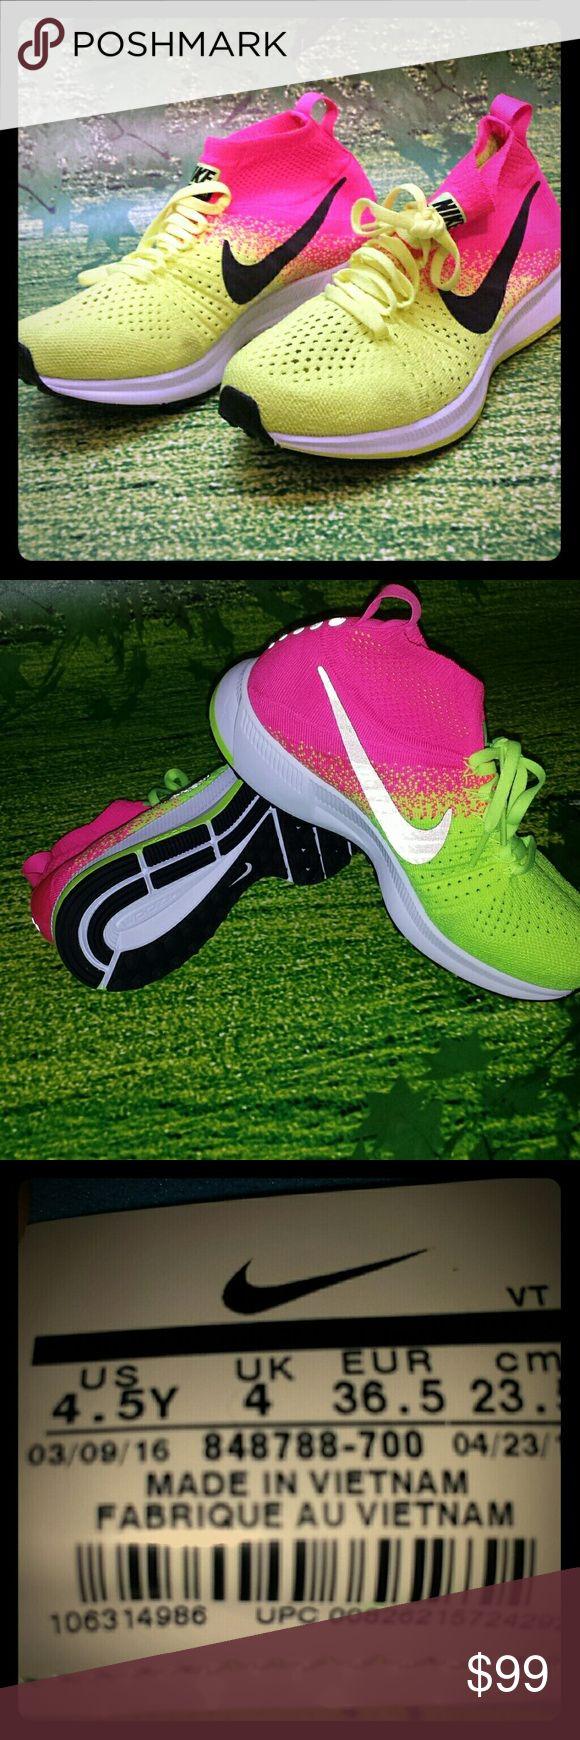 nike free flyknit 2.0 kids shoes